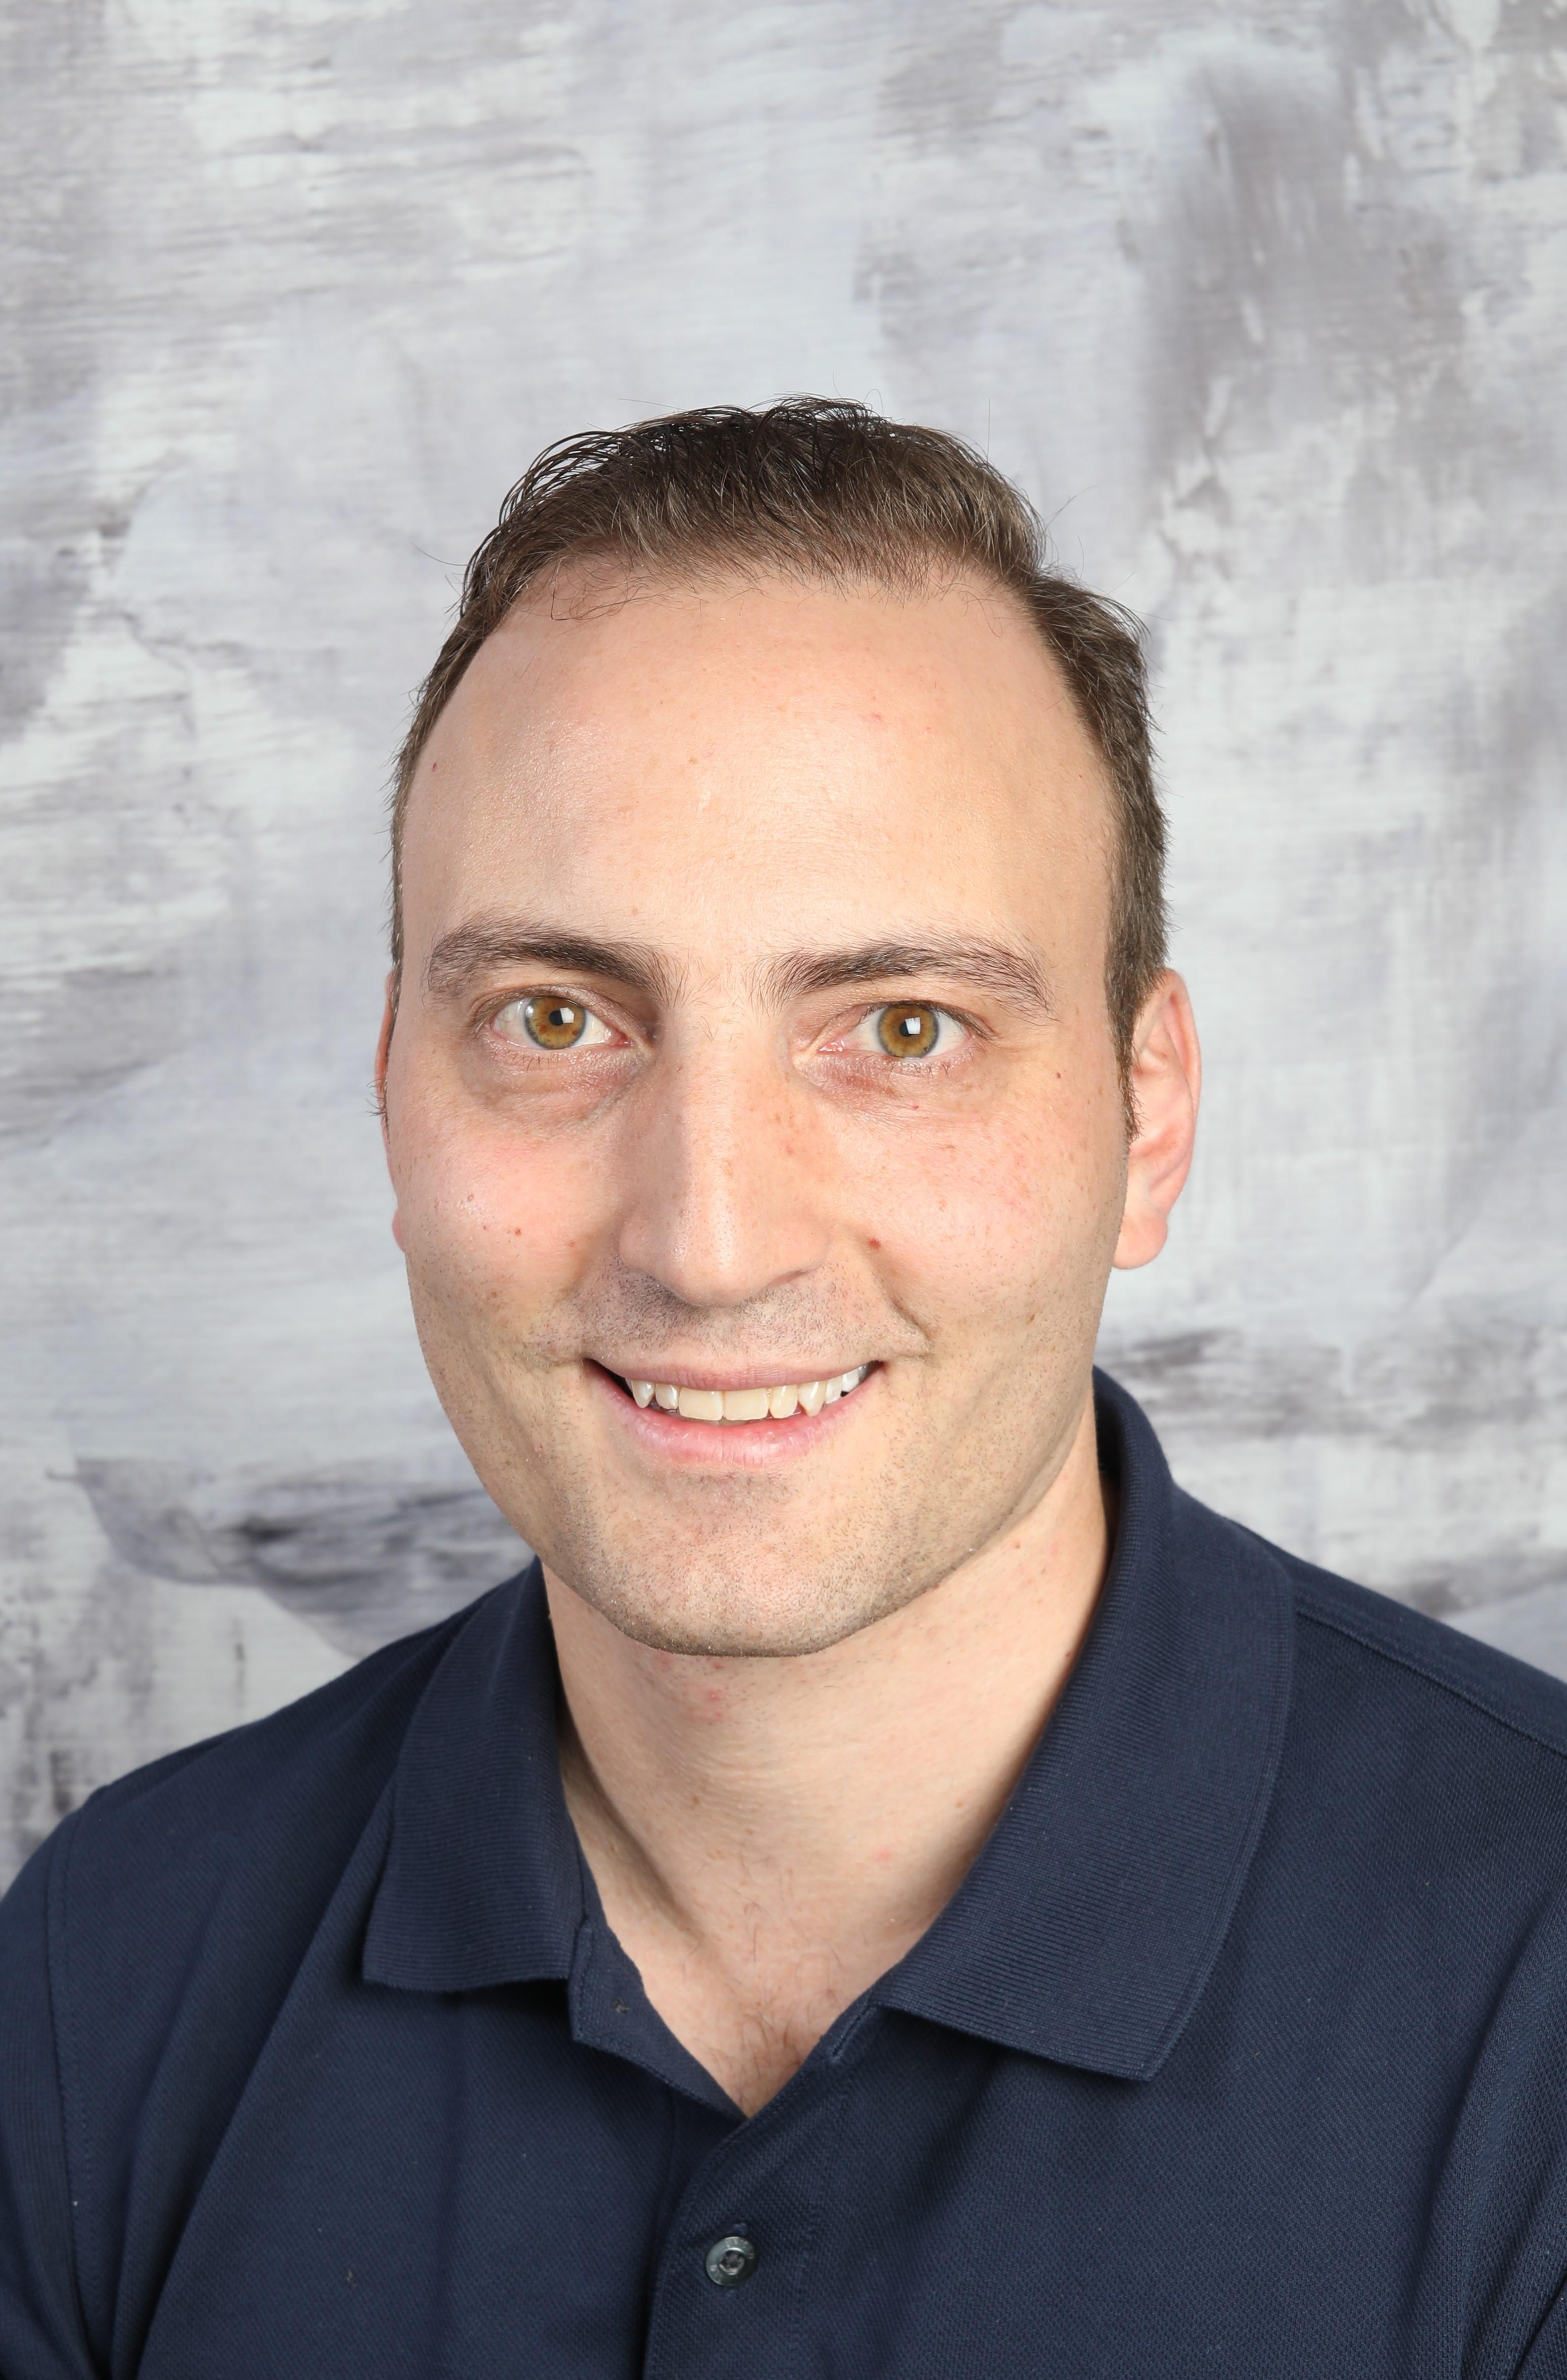 Michael Boccia